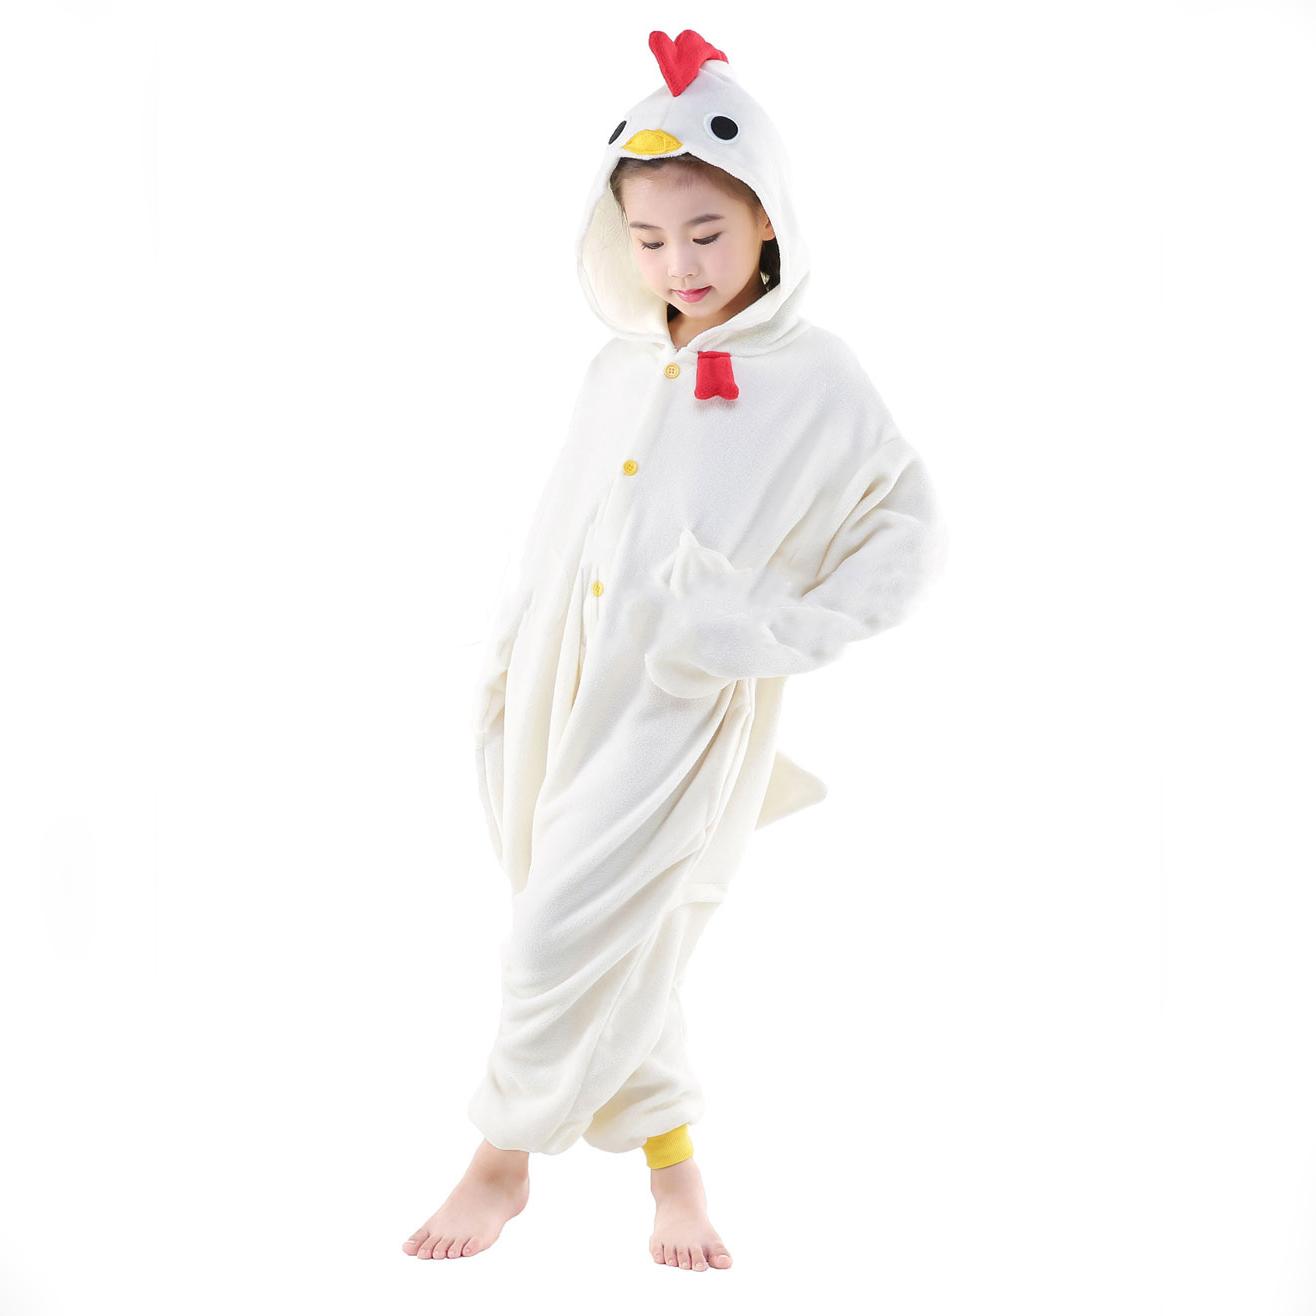 Пижамы для детей Цыпленок детский 201608121347271992859.jpg